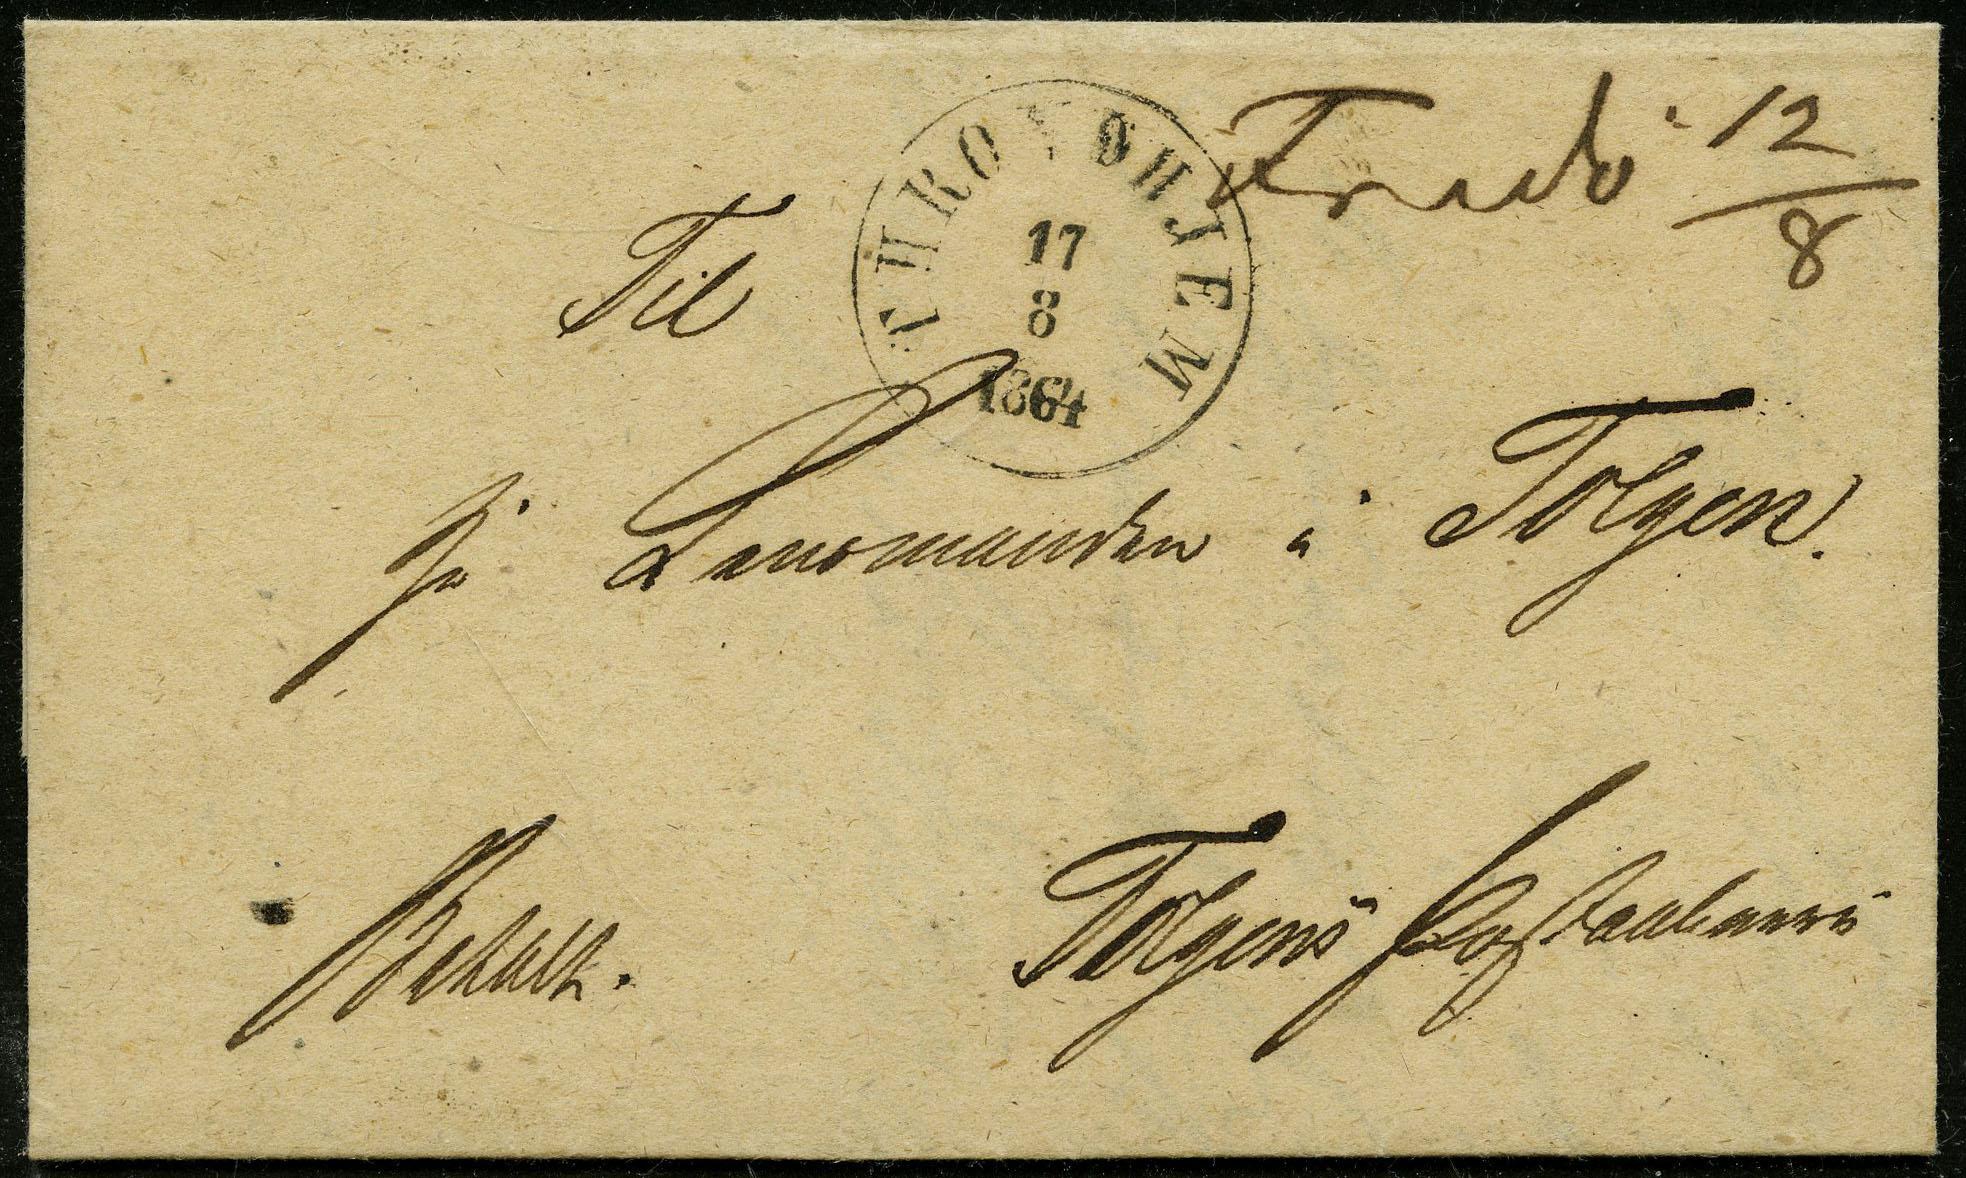 Lot 4622 - Håndskrevne annulleringer  -  Skanfil Auksjoner AS  Public auction 211